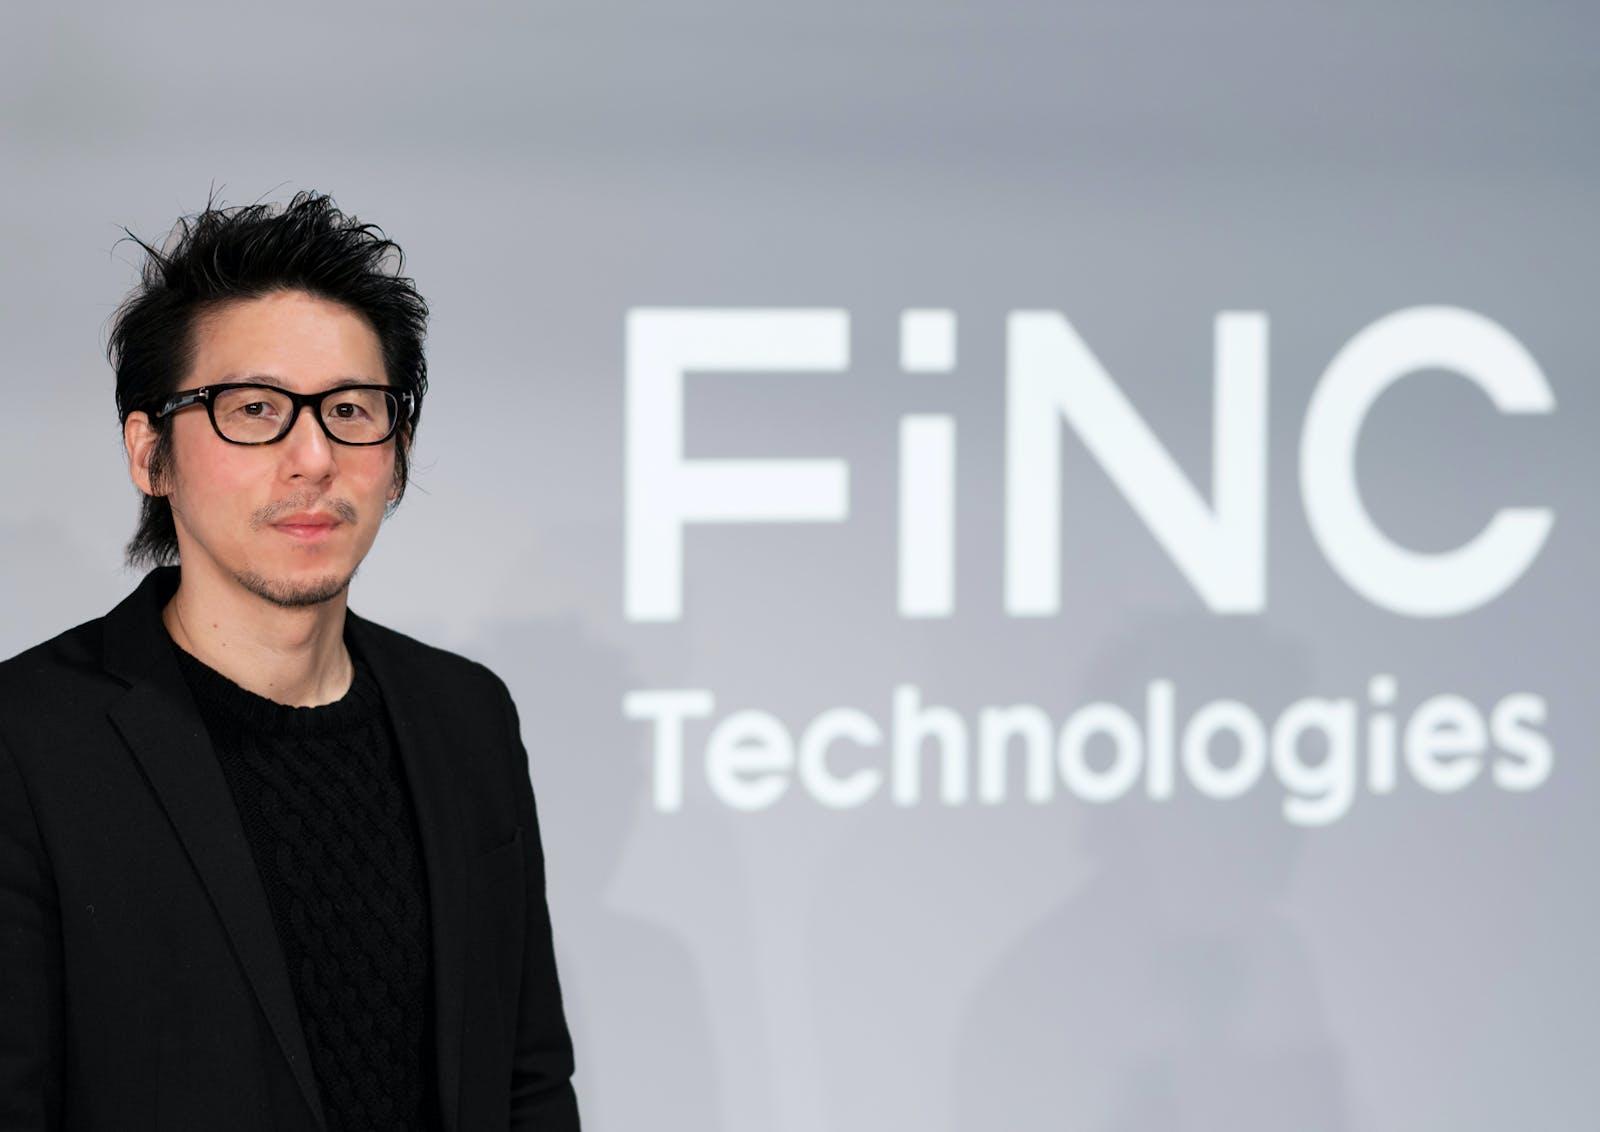 株式会社FiNC Technologiesのアイキャッチ画像